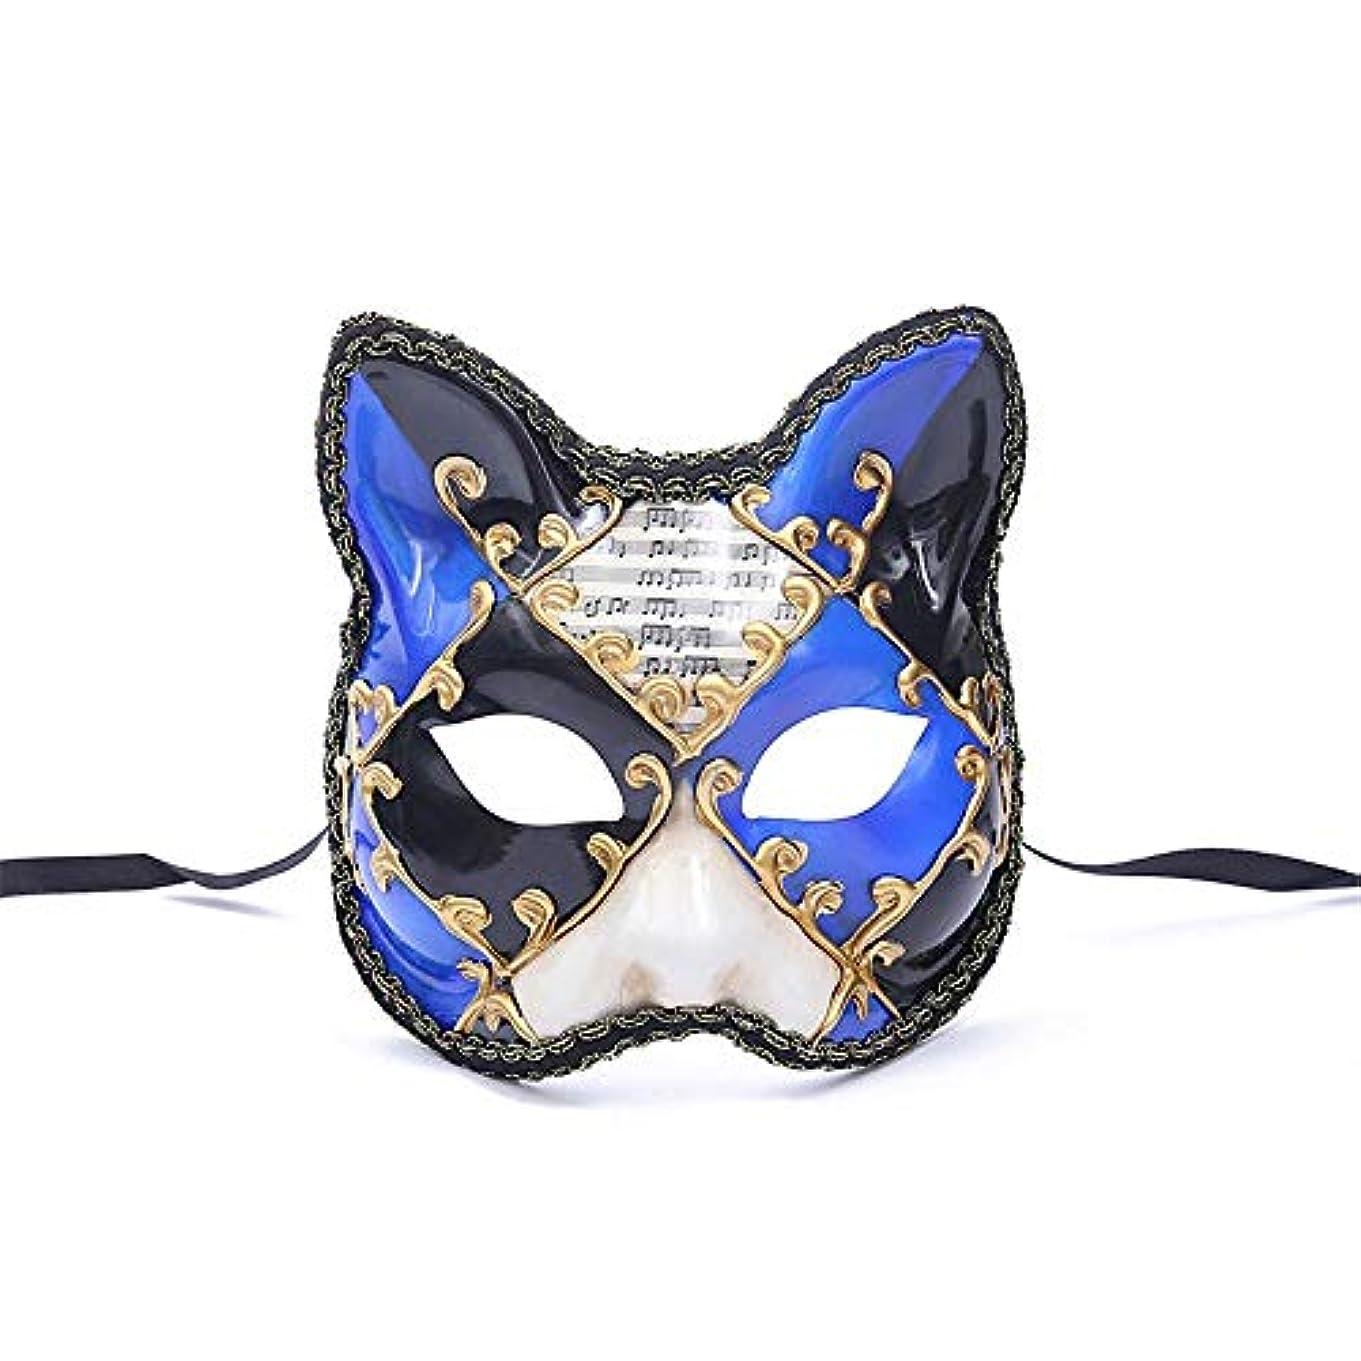 彼改修する滑るダンスマスク 大きな猫アンティーク動物レトロコスプレハロウィーン仮装マスクナイトクラブマスク雰囲気フェスティバルマスク ホリデーパーティー用品 (色 : 青, サイズ : 17.5x16cm)